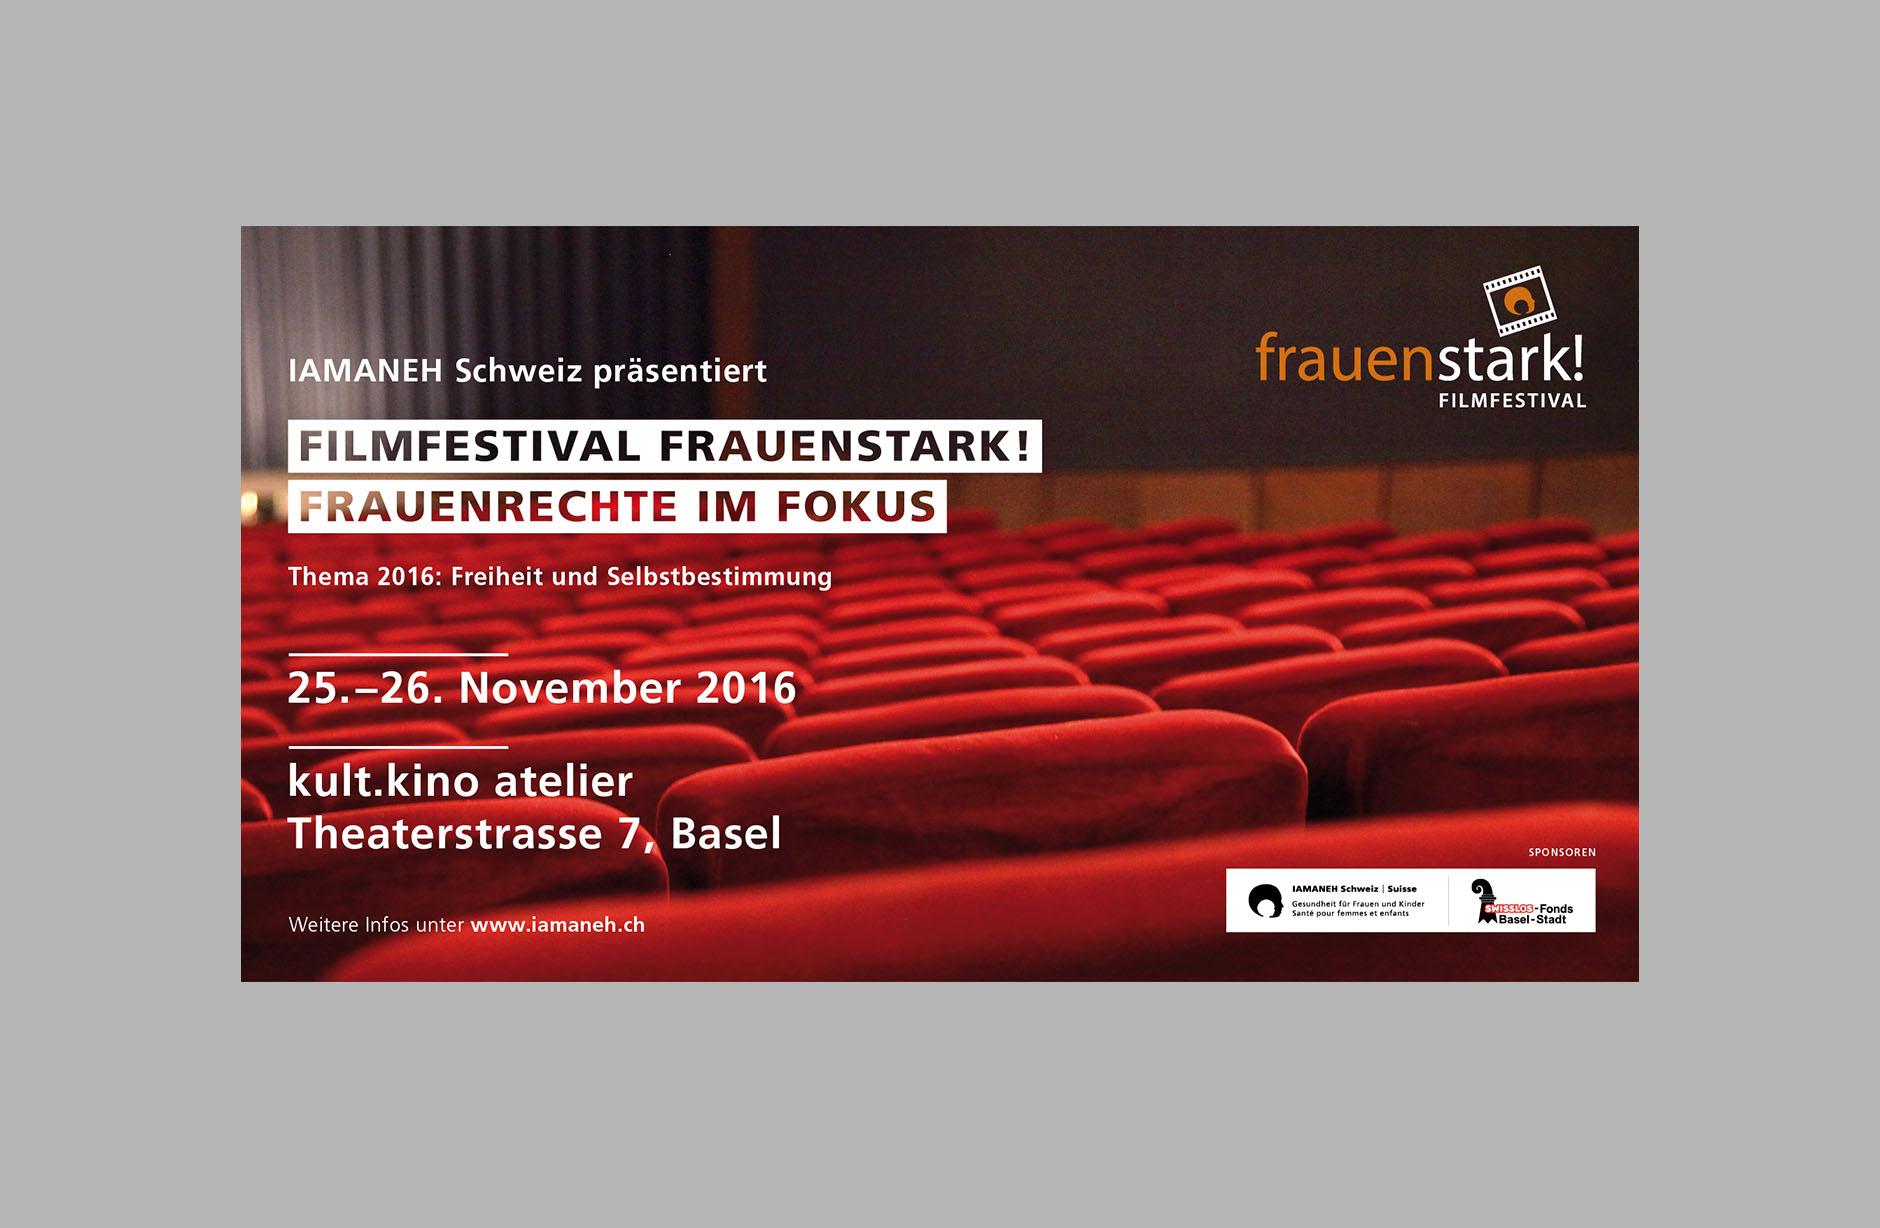 Iamaneh Schweiz Filmfestival Frauenstark